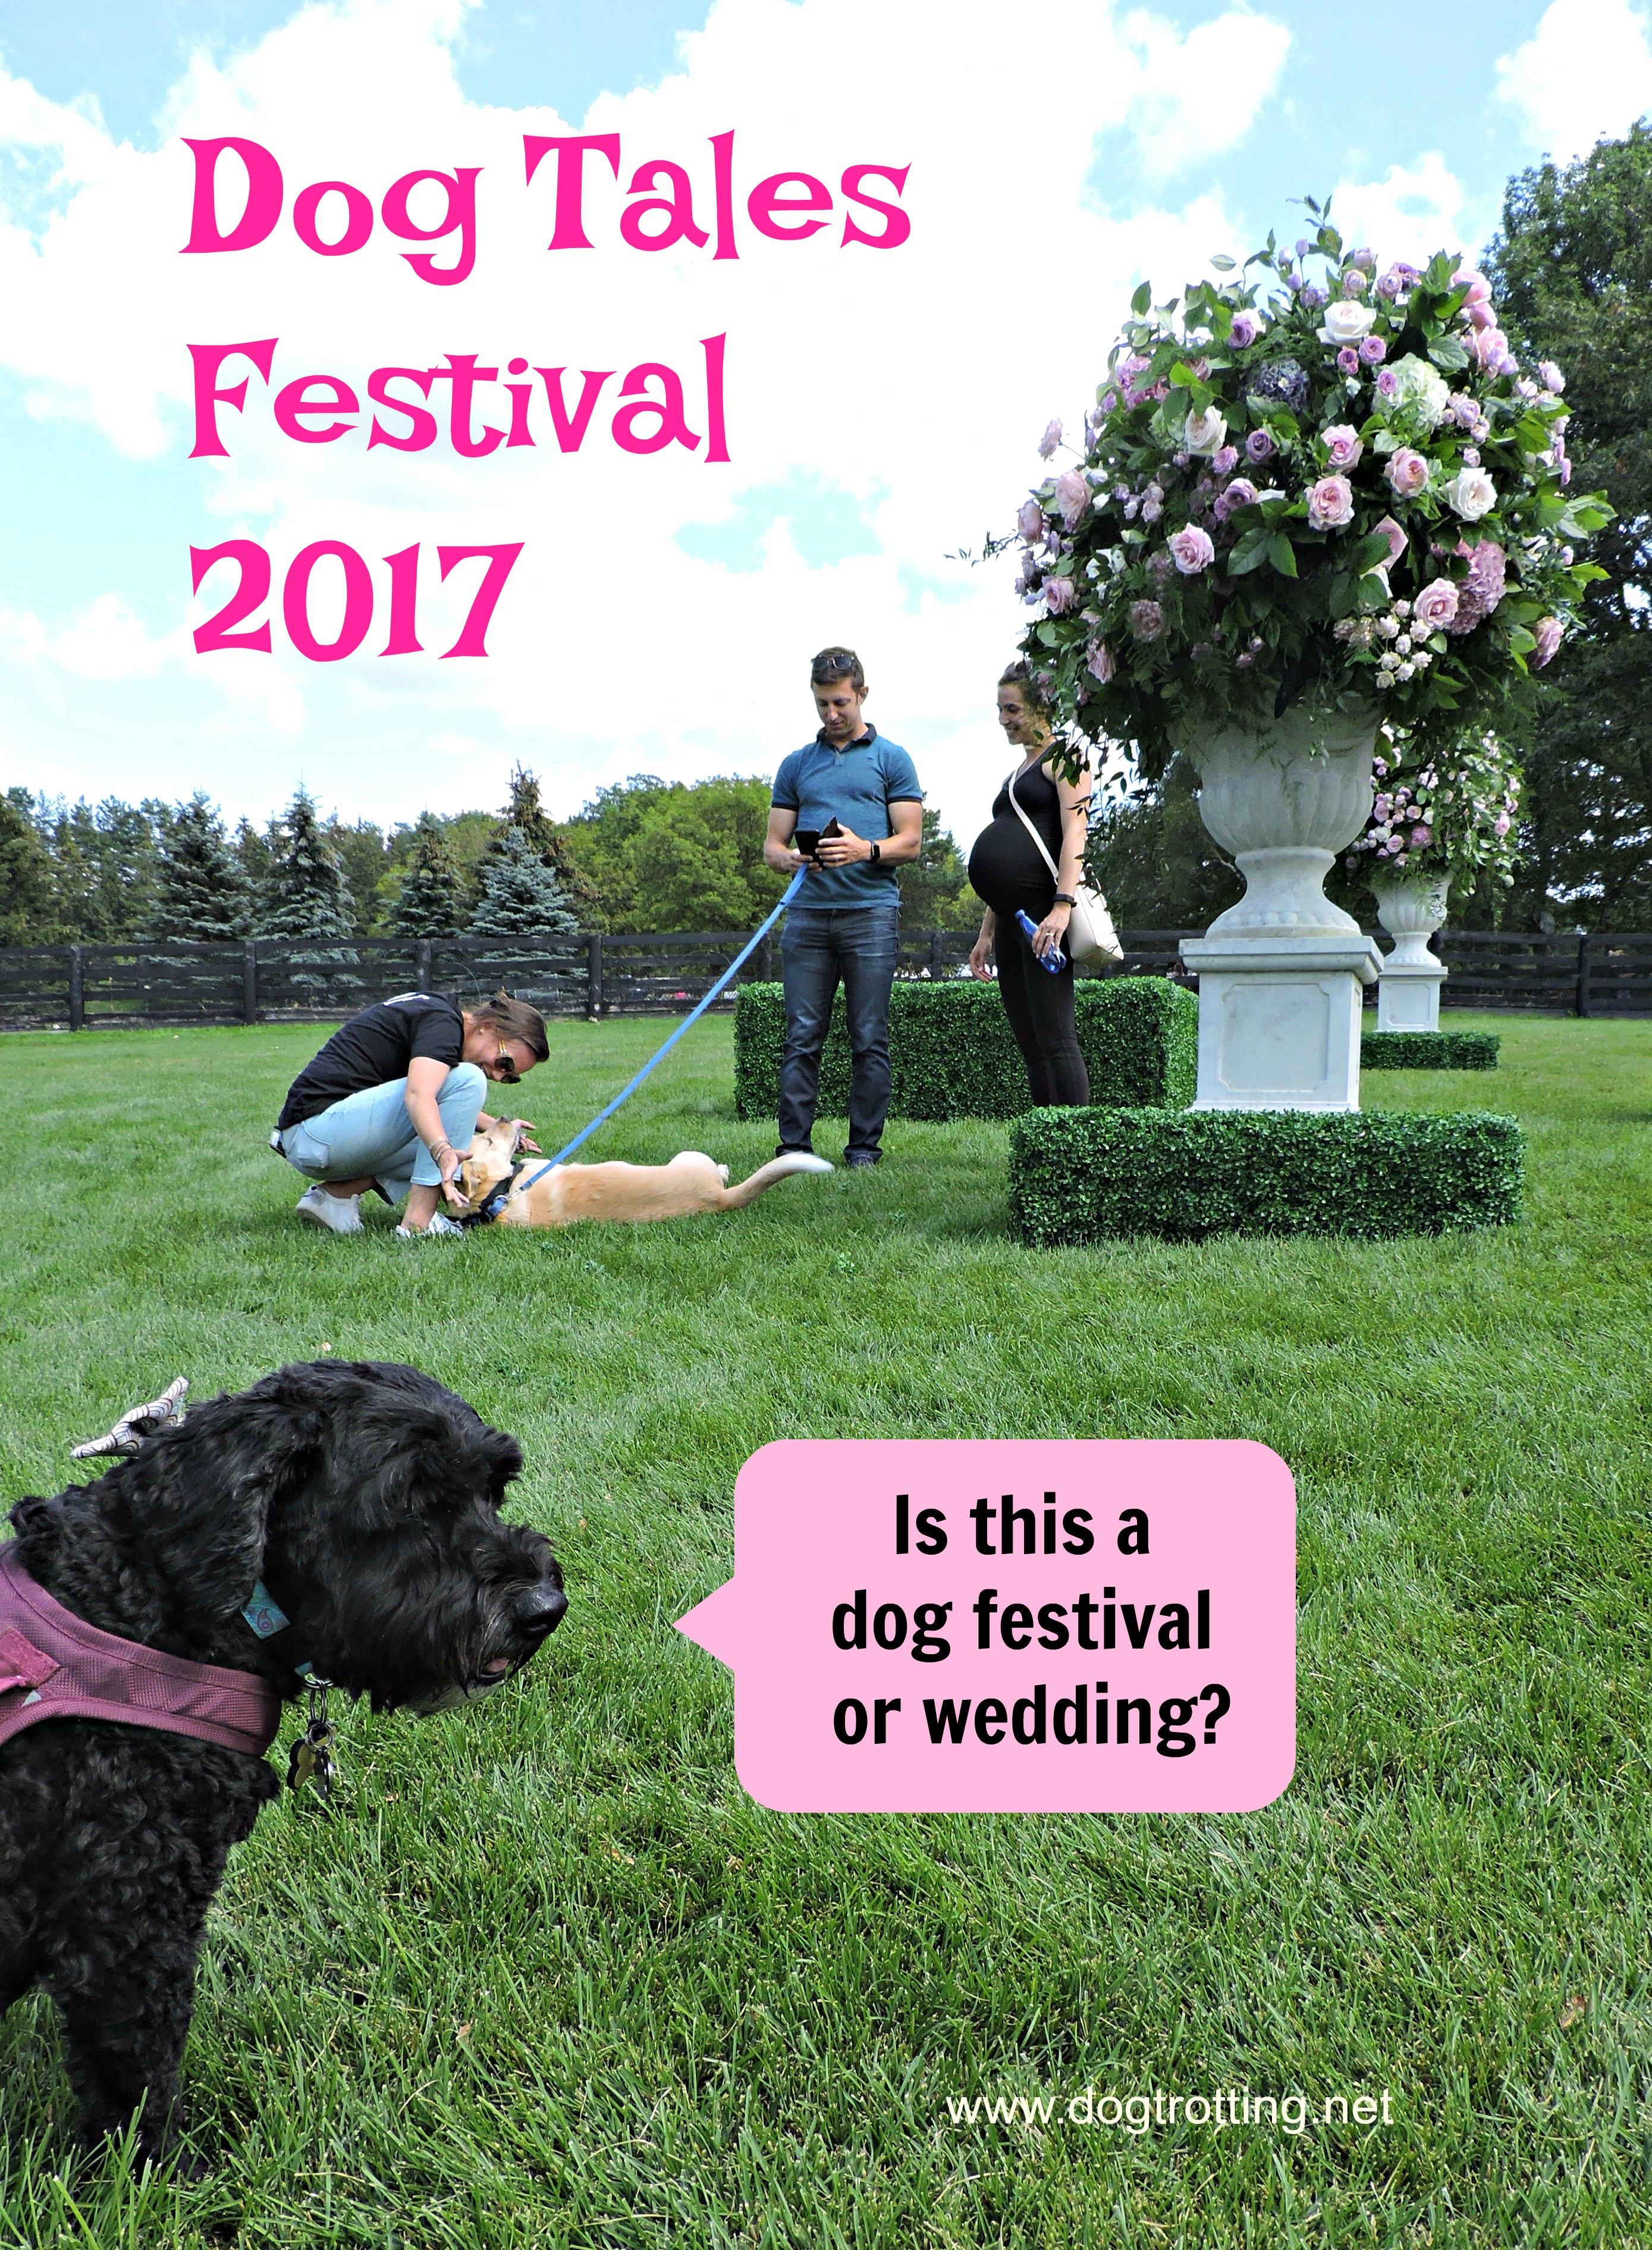 dog tales festival www.dogtrotting.net